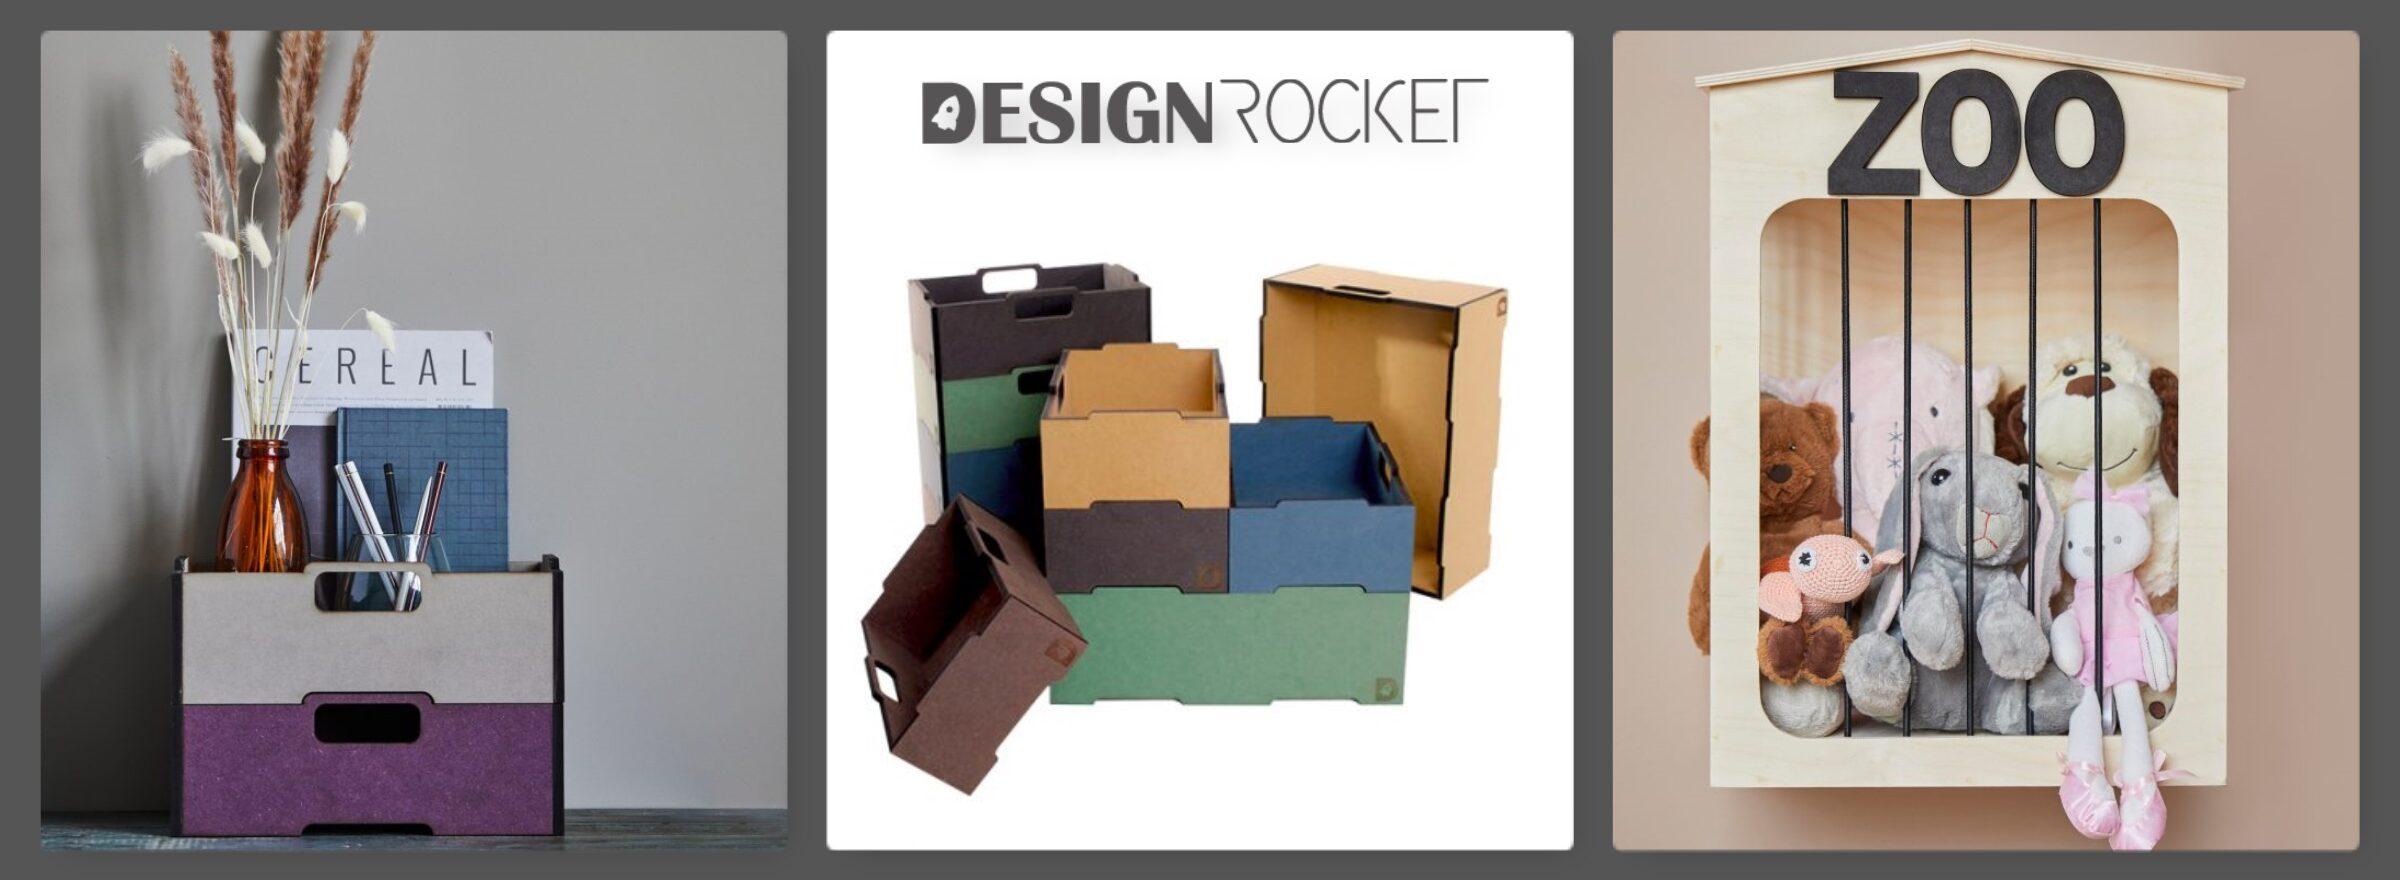 Design Rocket